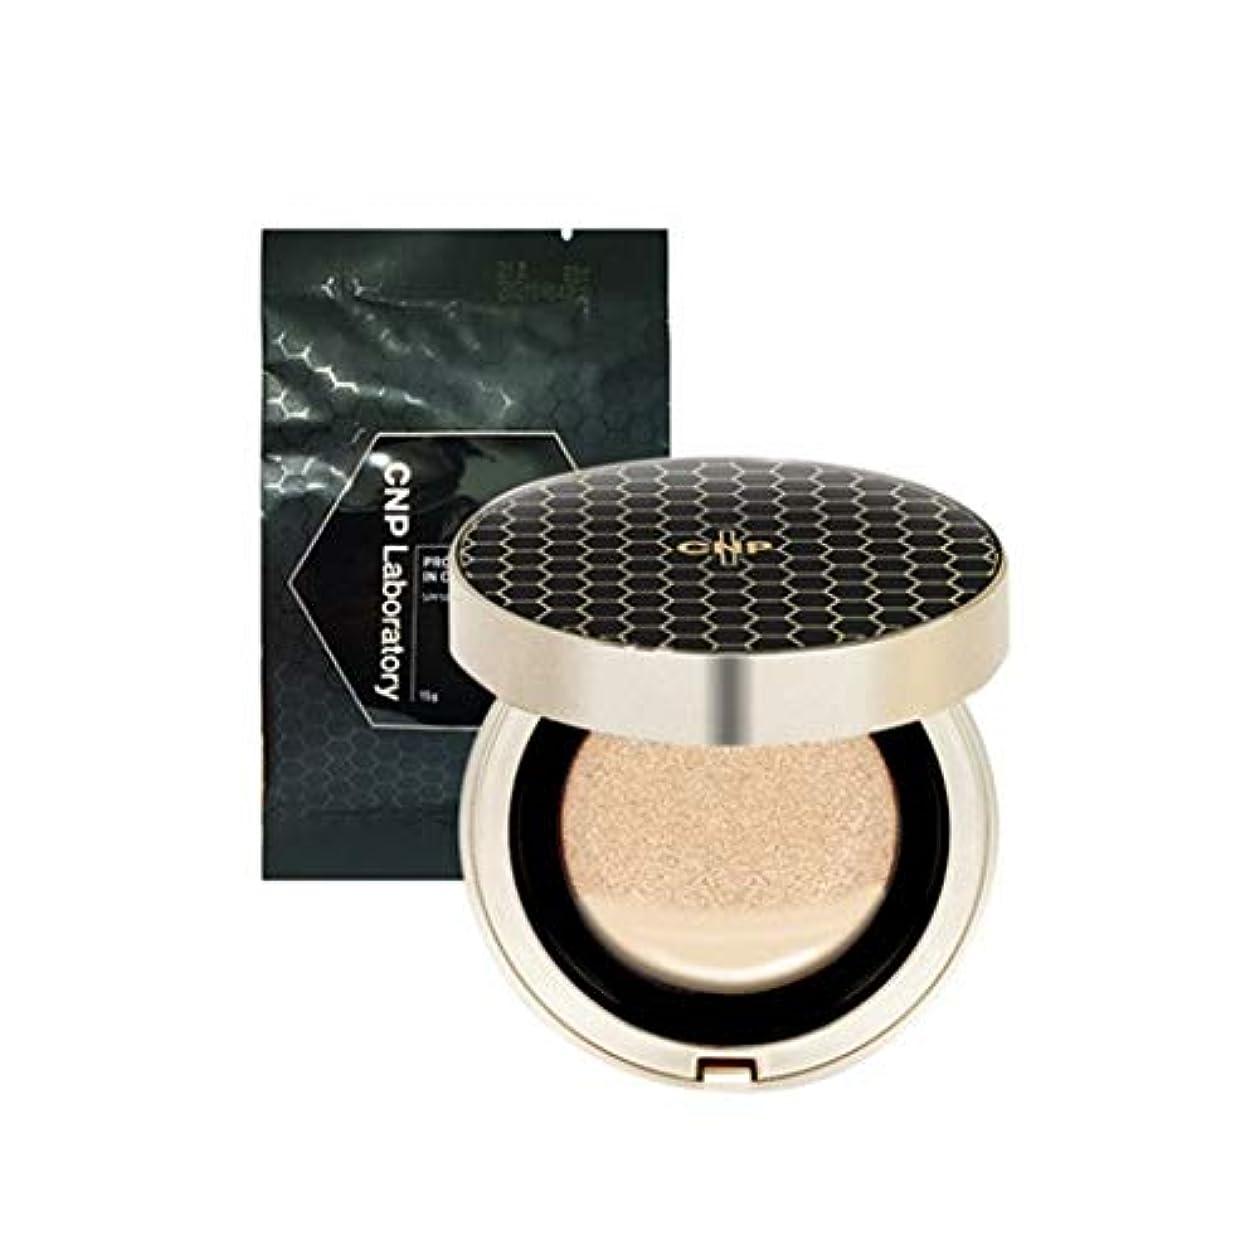 奇跡的な極貧服を洗う[CNP] Propolis Ampule In Cushion (#21) 15g +refill15g /[CNP]プロポリスアンプルインクッション(#21号)15g +リフィル15g [並行輸入品]